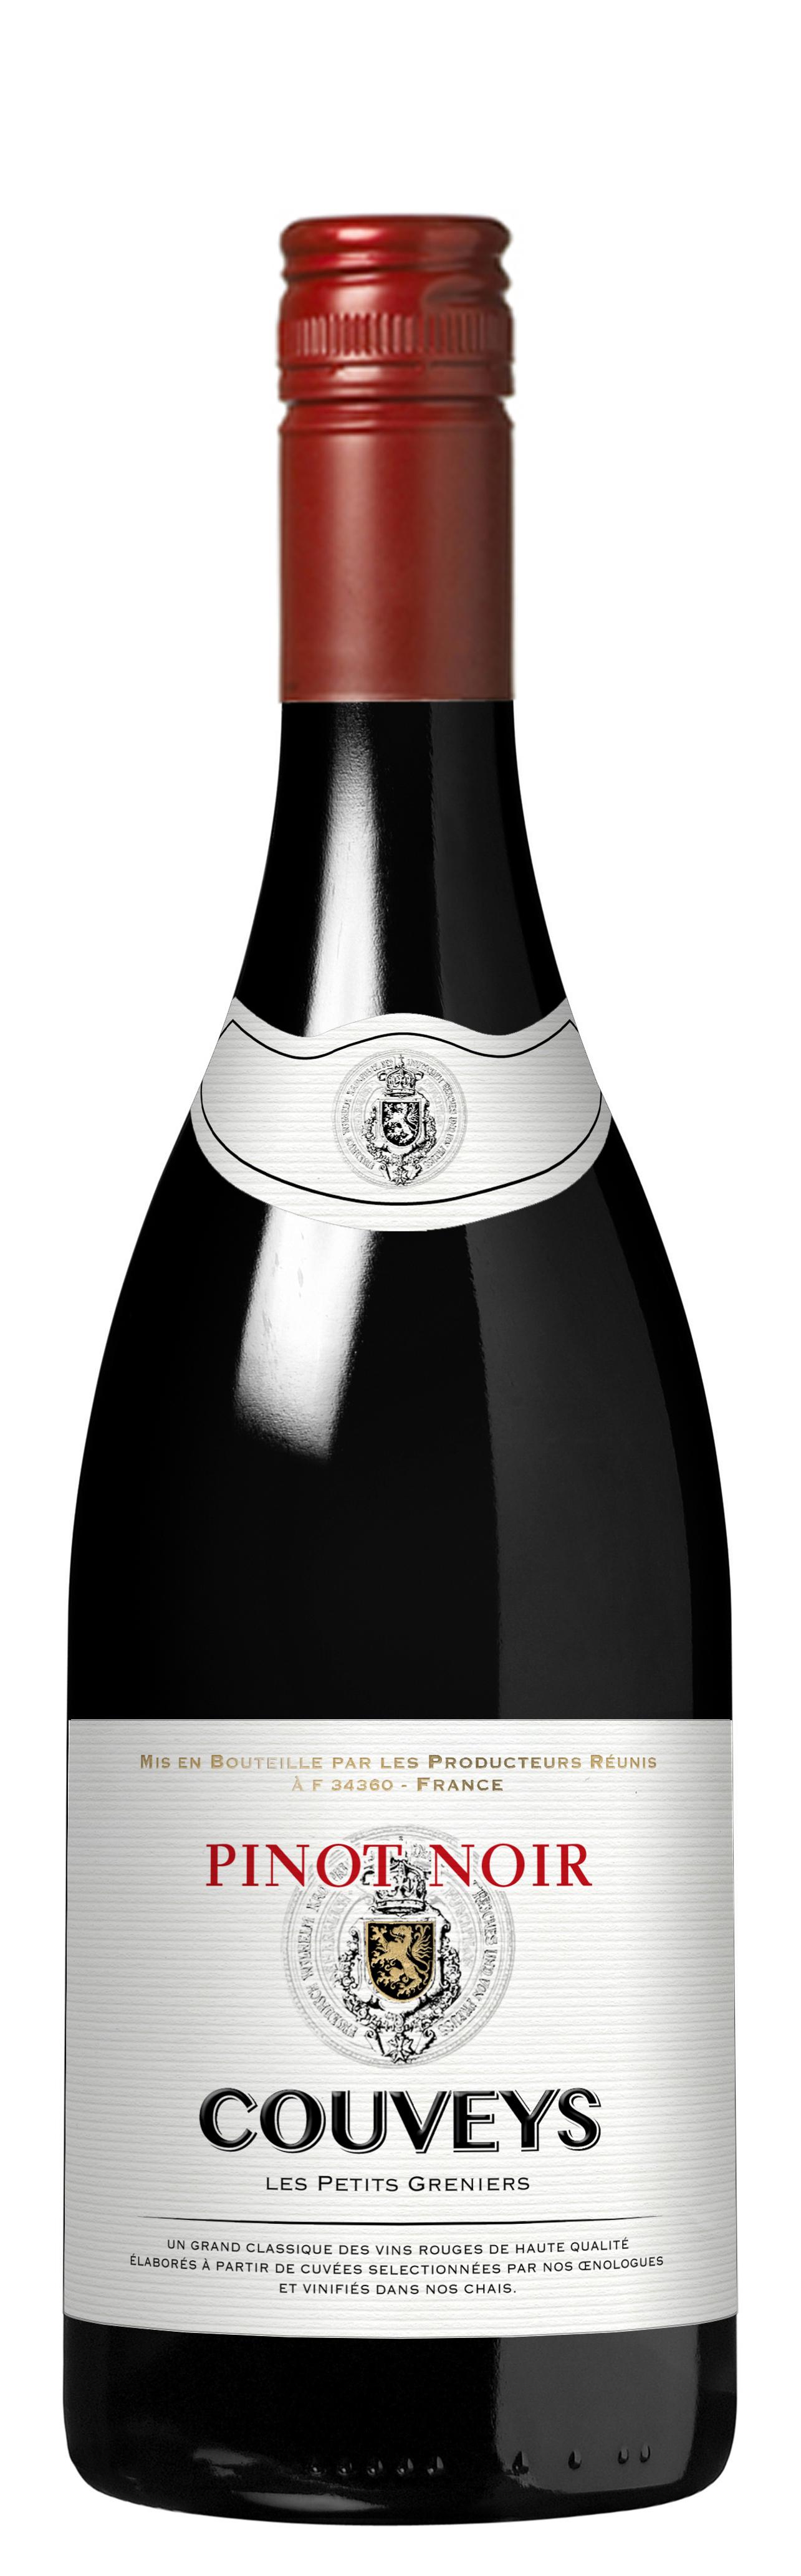 LGI Couveys Pinot Noir